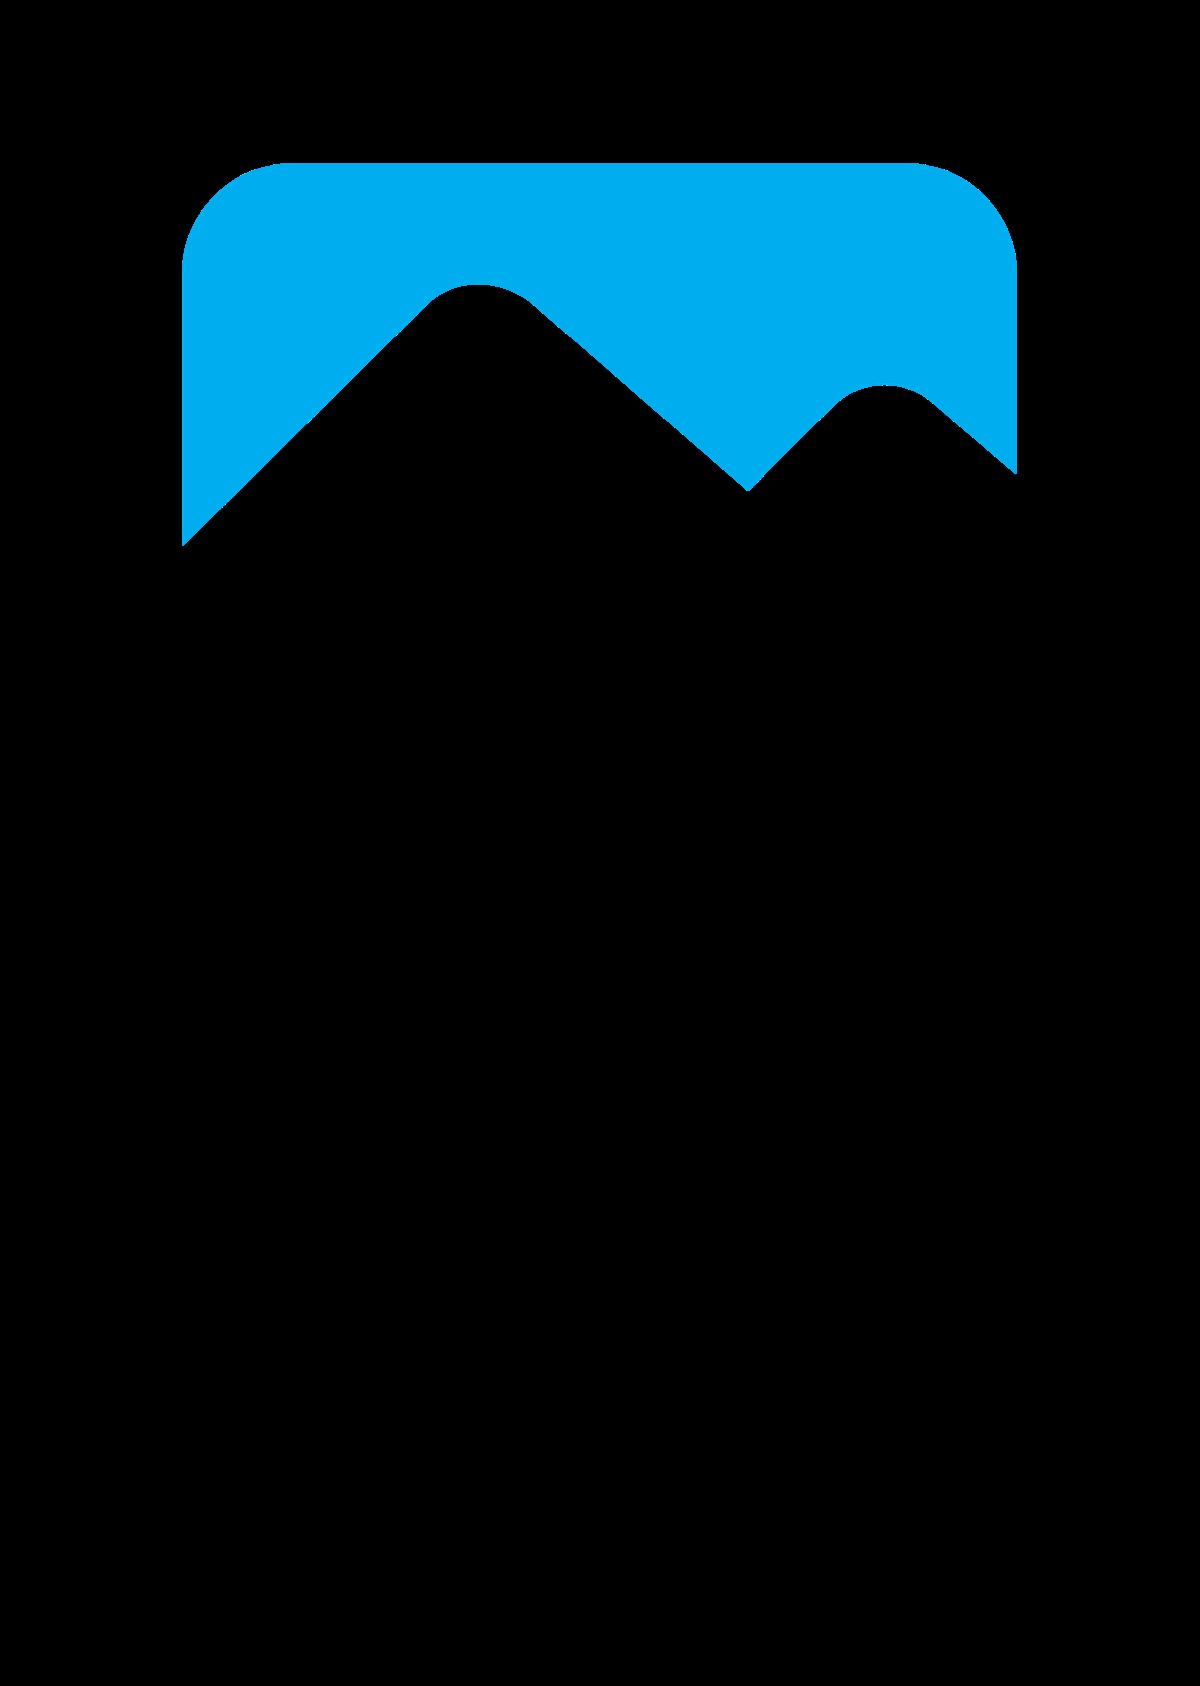 Beech Mtn. Brewing Co. logo